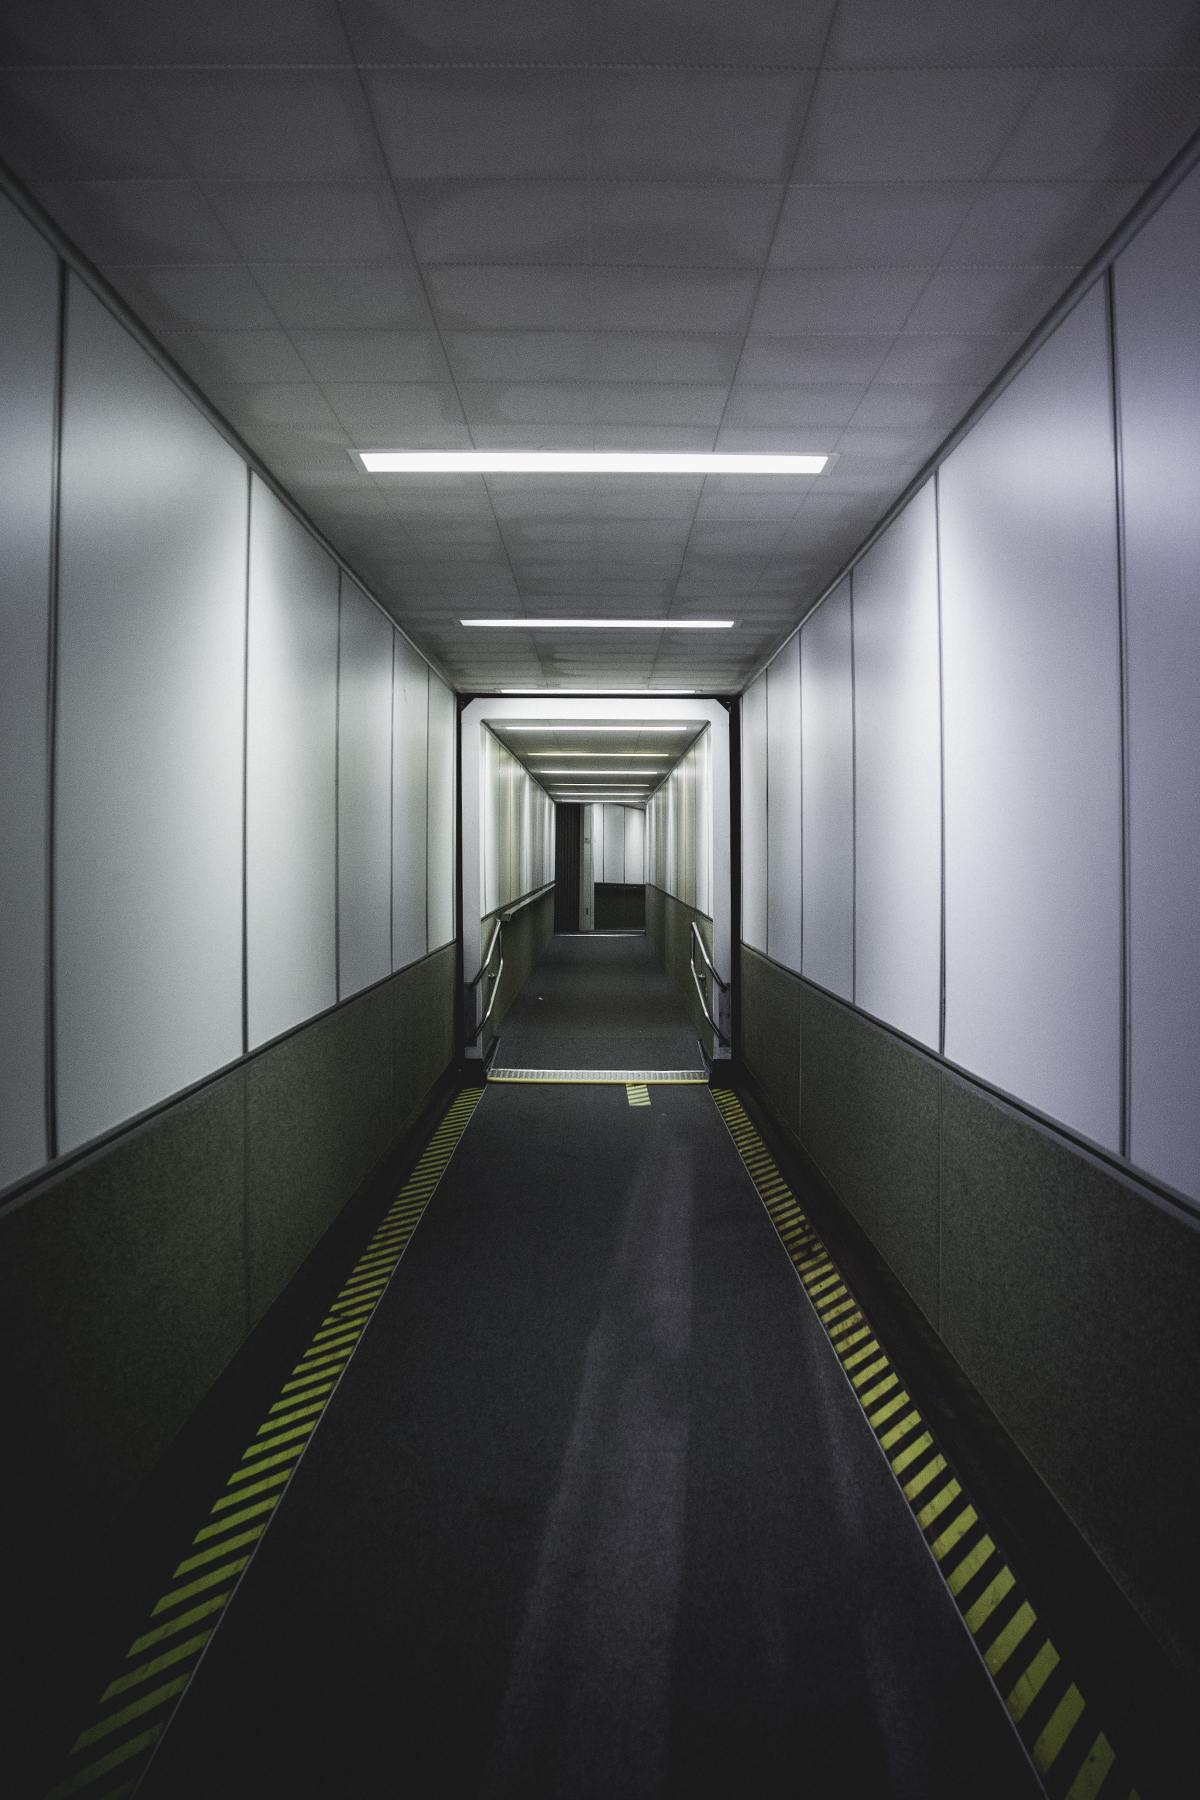 us_hoy_0006s_0002_Tacoma Airport